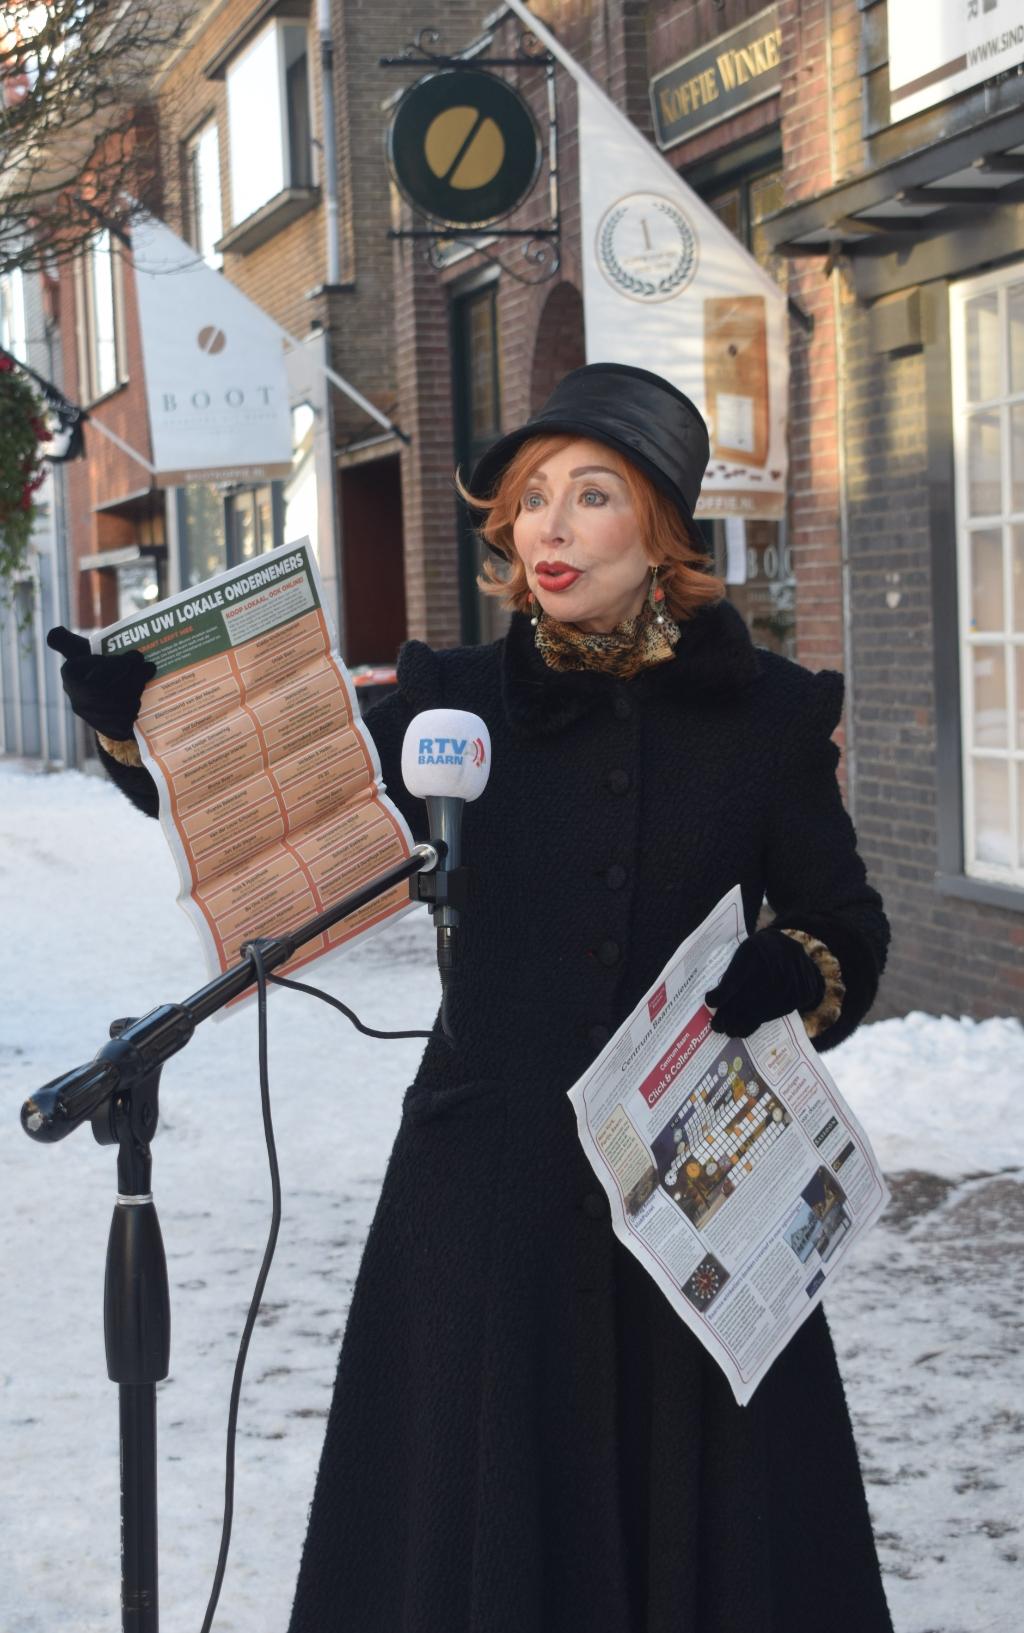 <p>Vol vuur prijst Marijke Helwegen een pagina aan uit de BC.</p> Christine Schut © BDU media